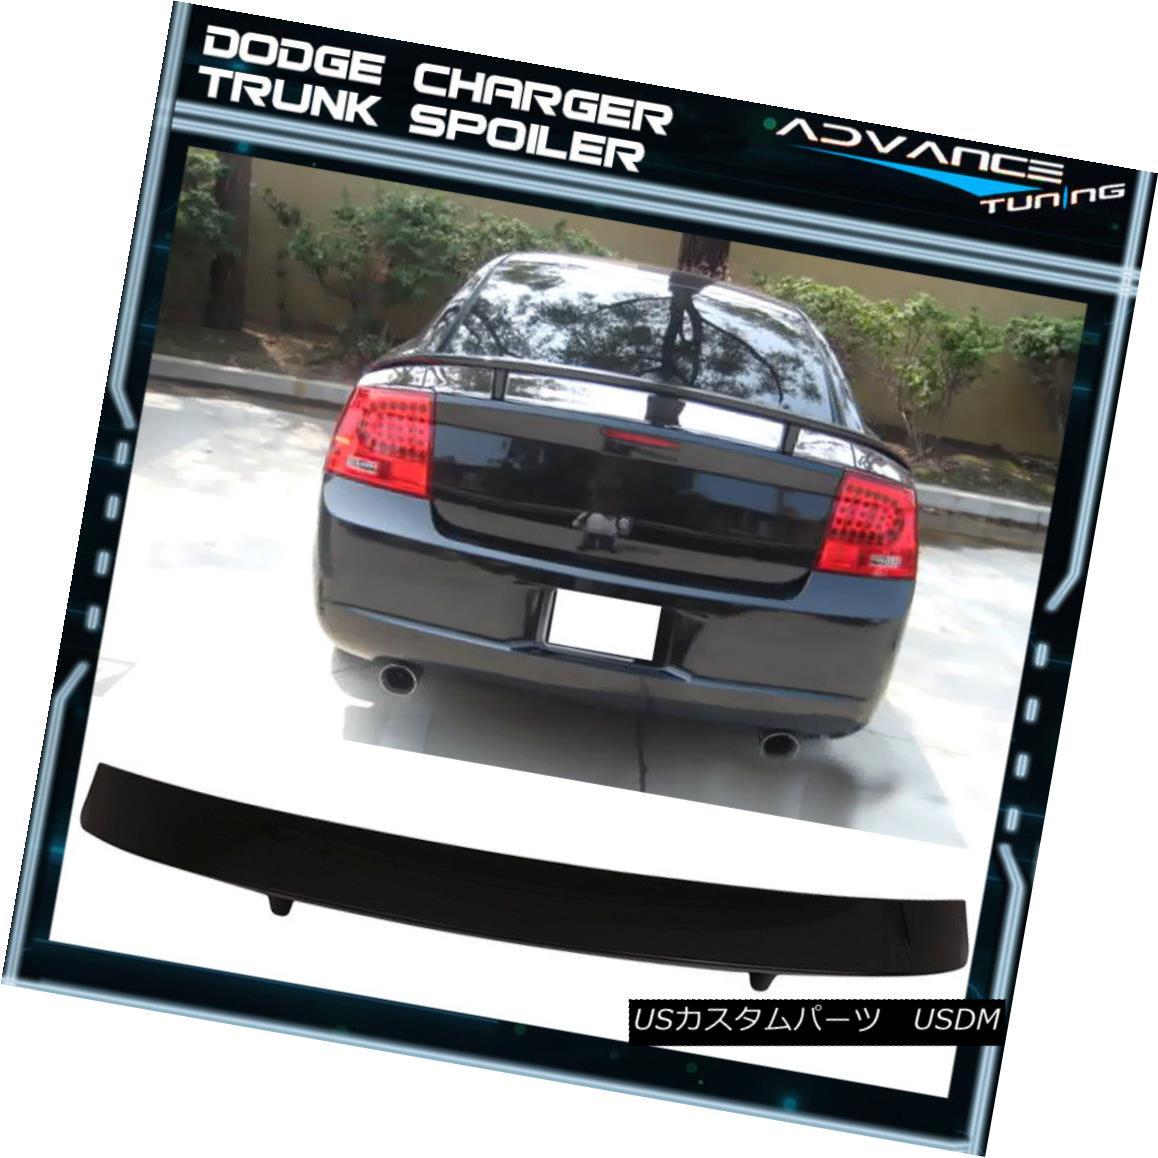 エアロパーツ Fits 06-10 Dodge Charger Trunk Spoiler Painted #PXR Brilliant Black Pearl フィット06-10ダッジチャージャートランクスポイラー塗装#PXRブリリアントブラックパール